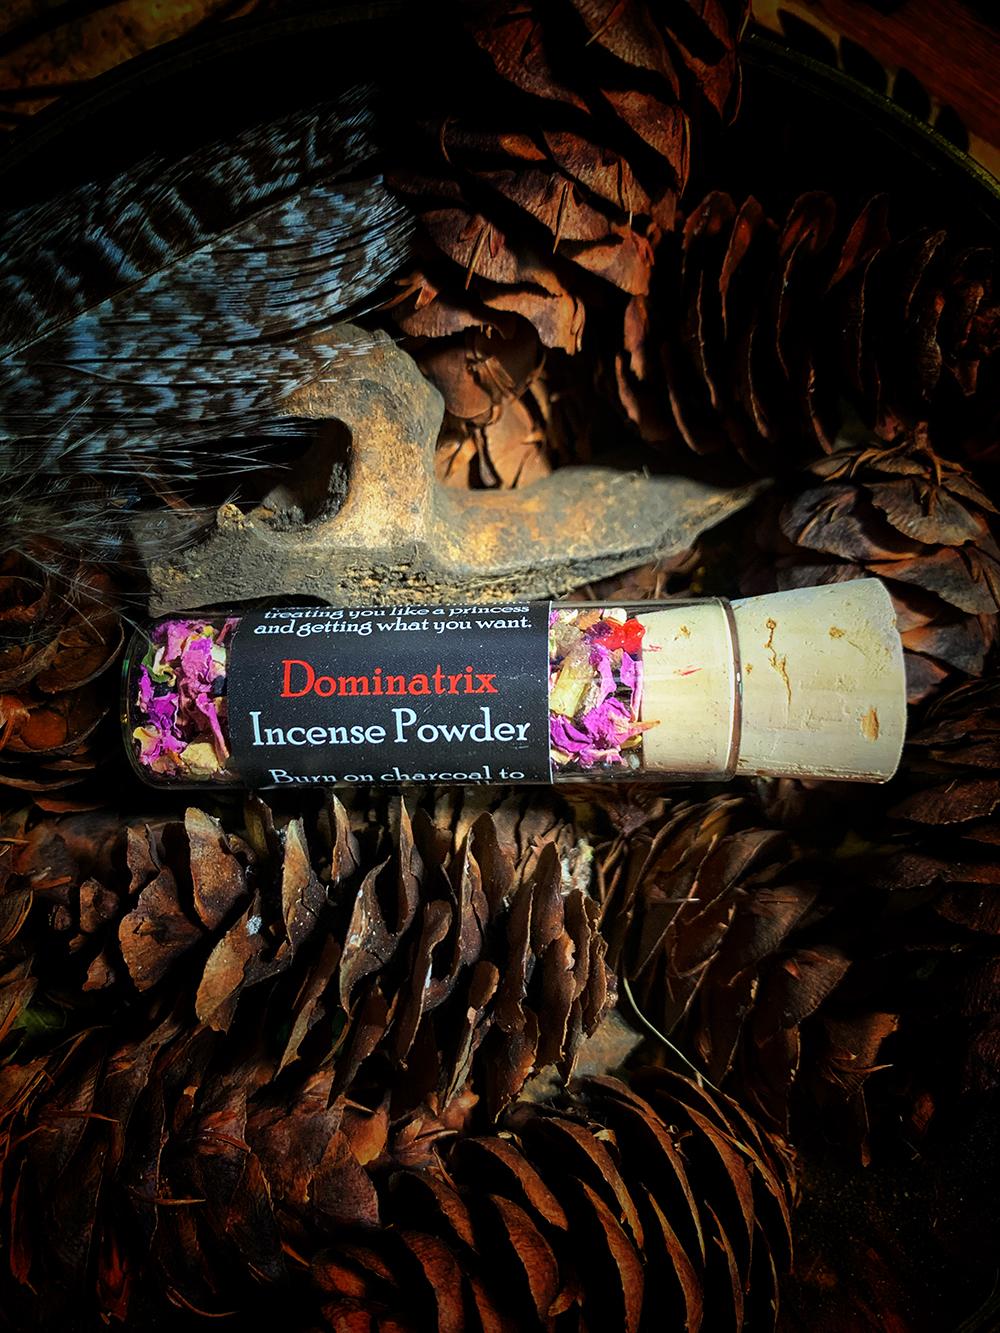 Dominatrix Incense